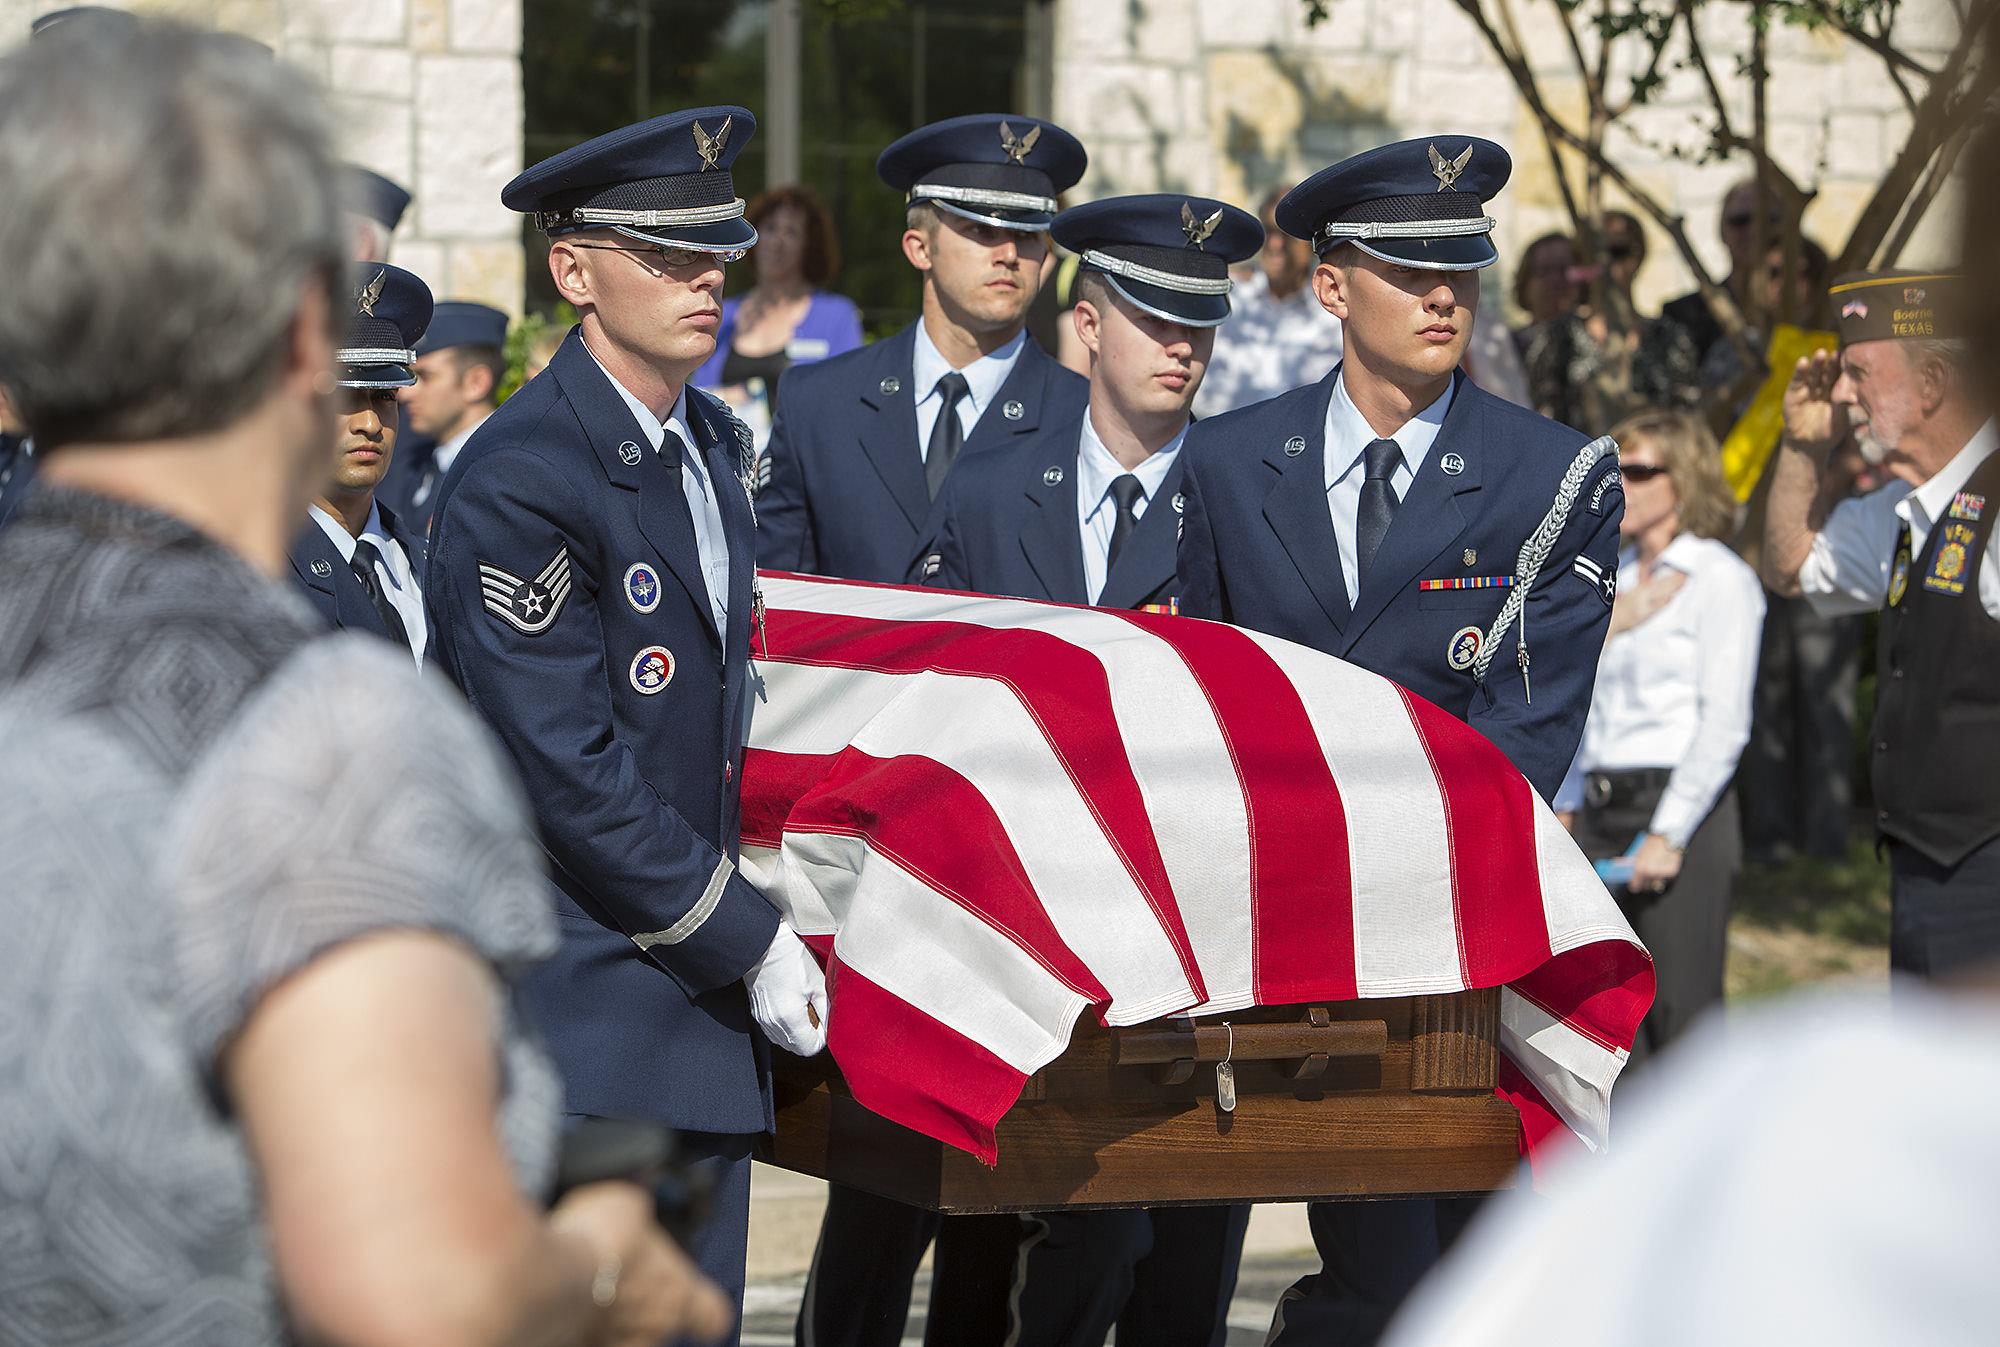 Fallen Af Captain Laid To Rest San Antonio Express News